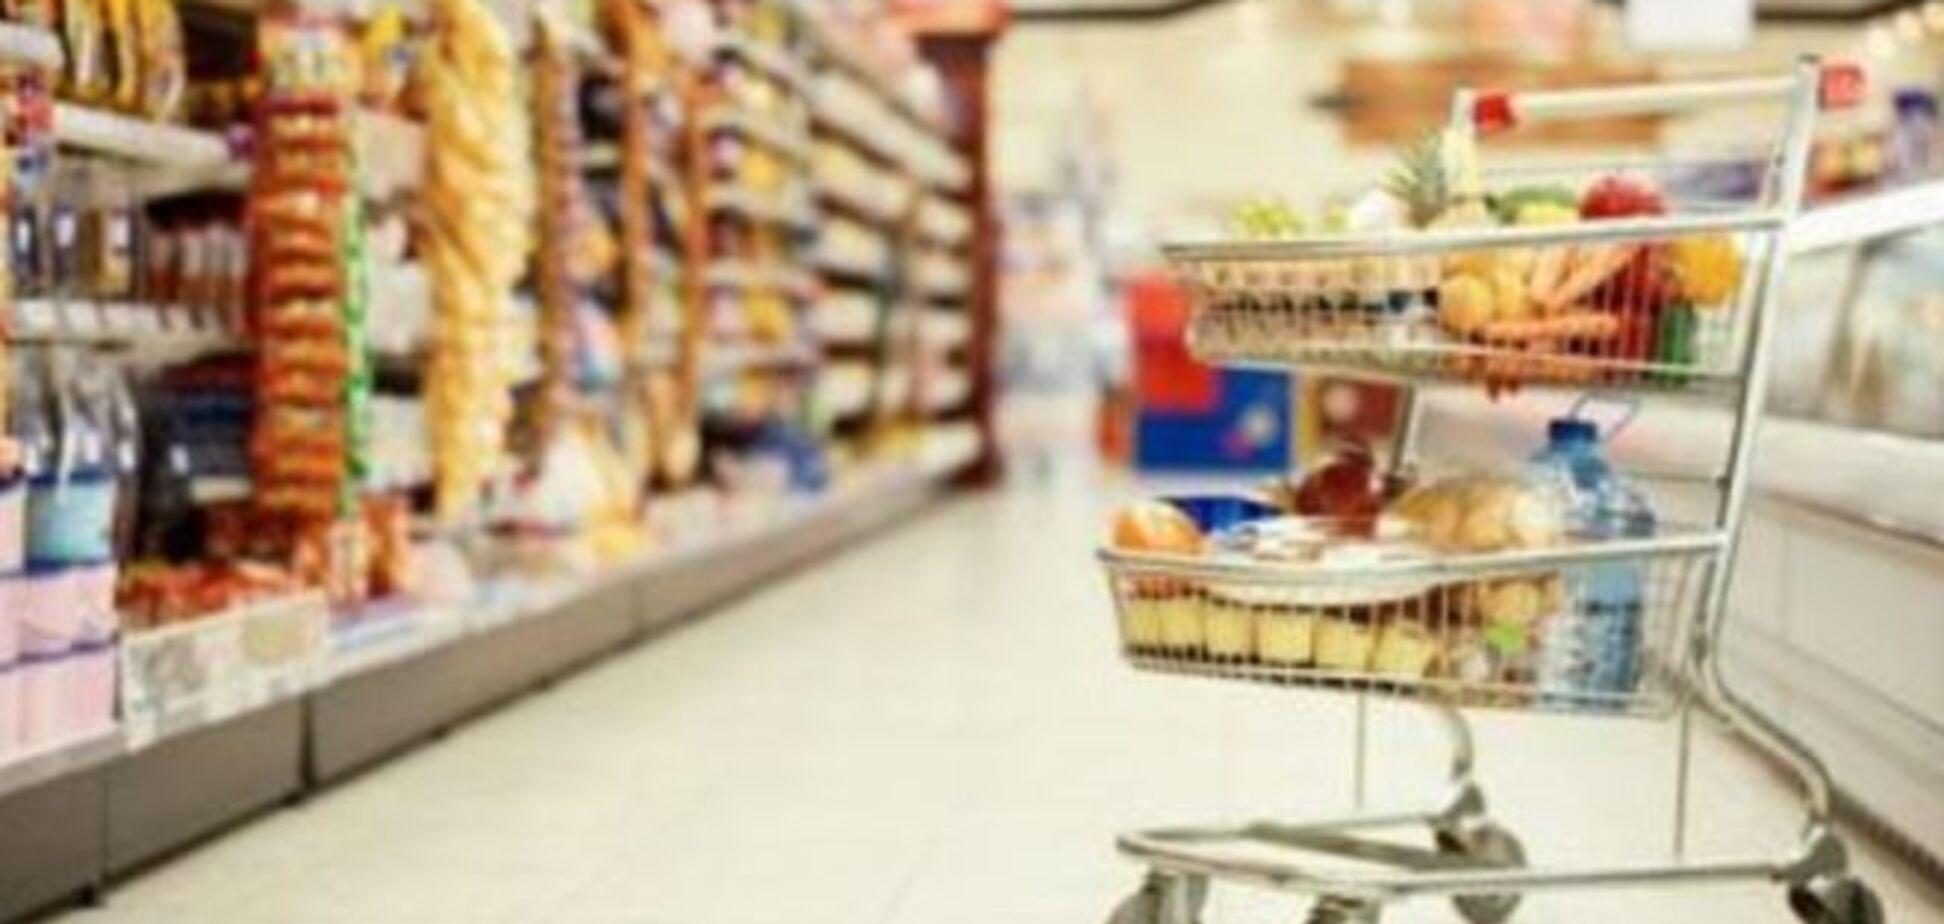 Пища, которая нас ест: современная еда убивает и вызывает более 200 болезней